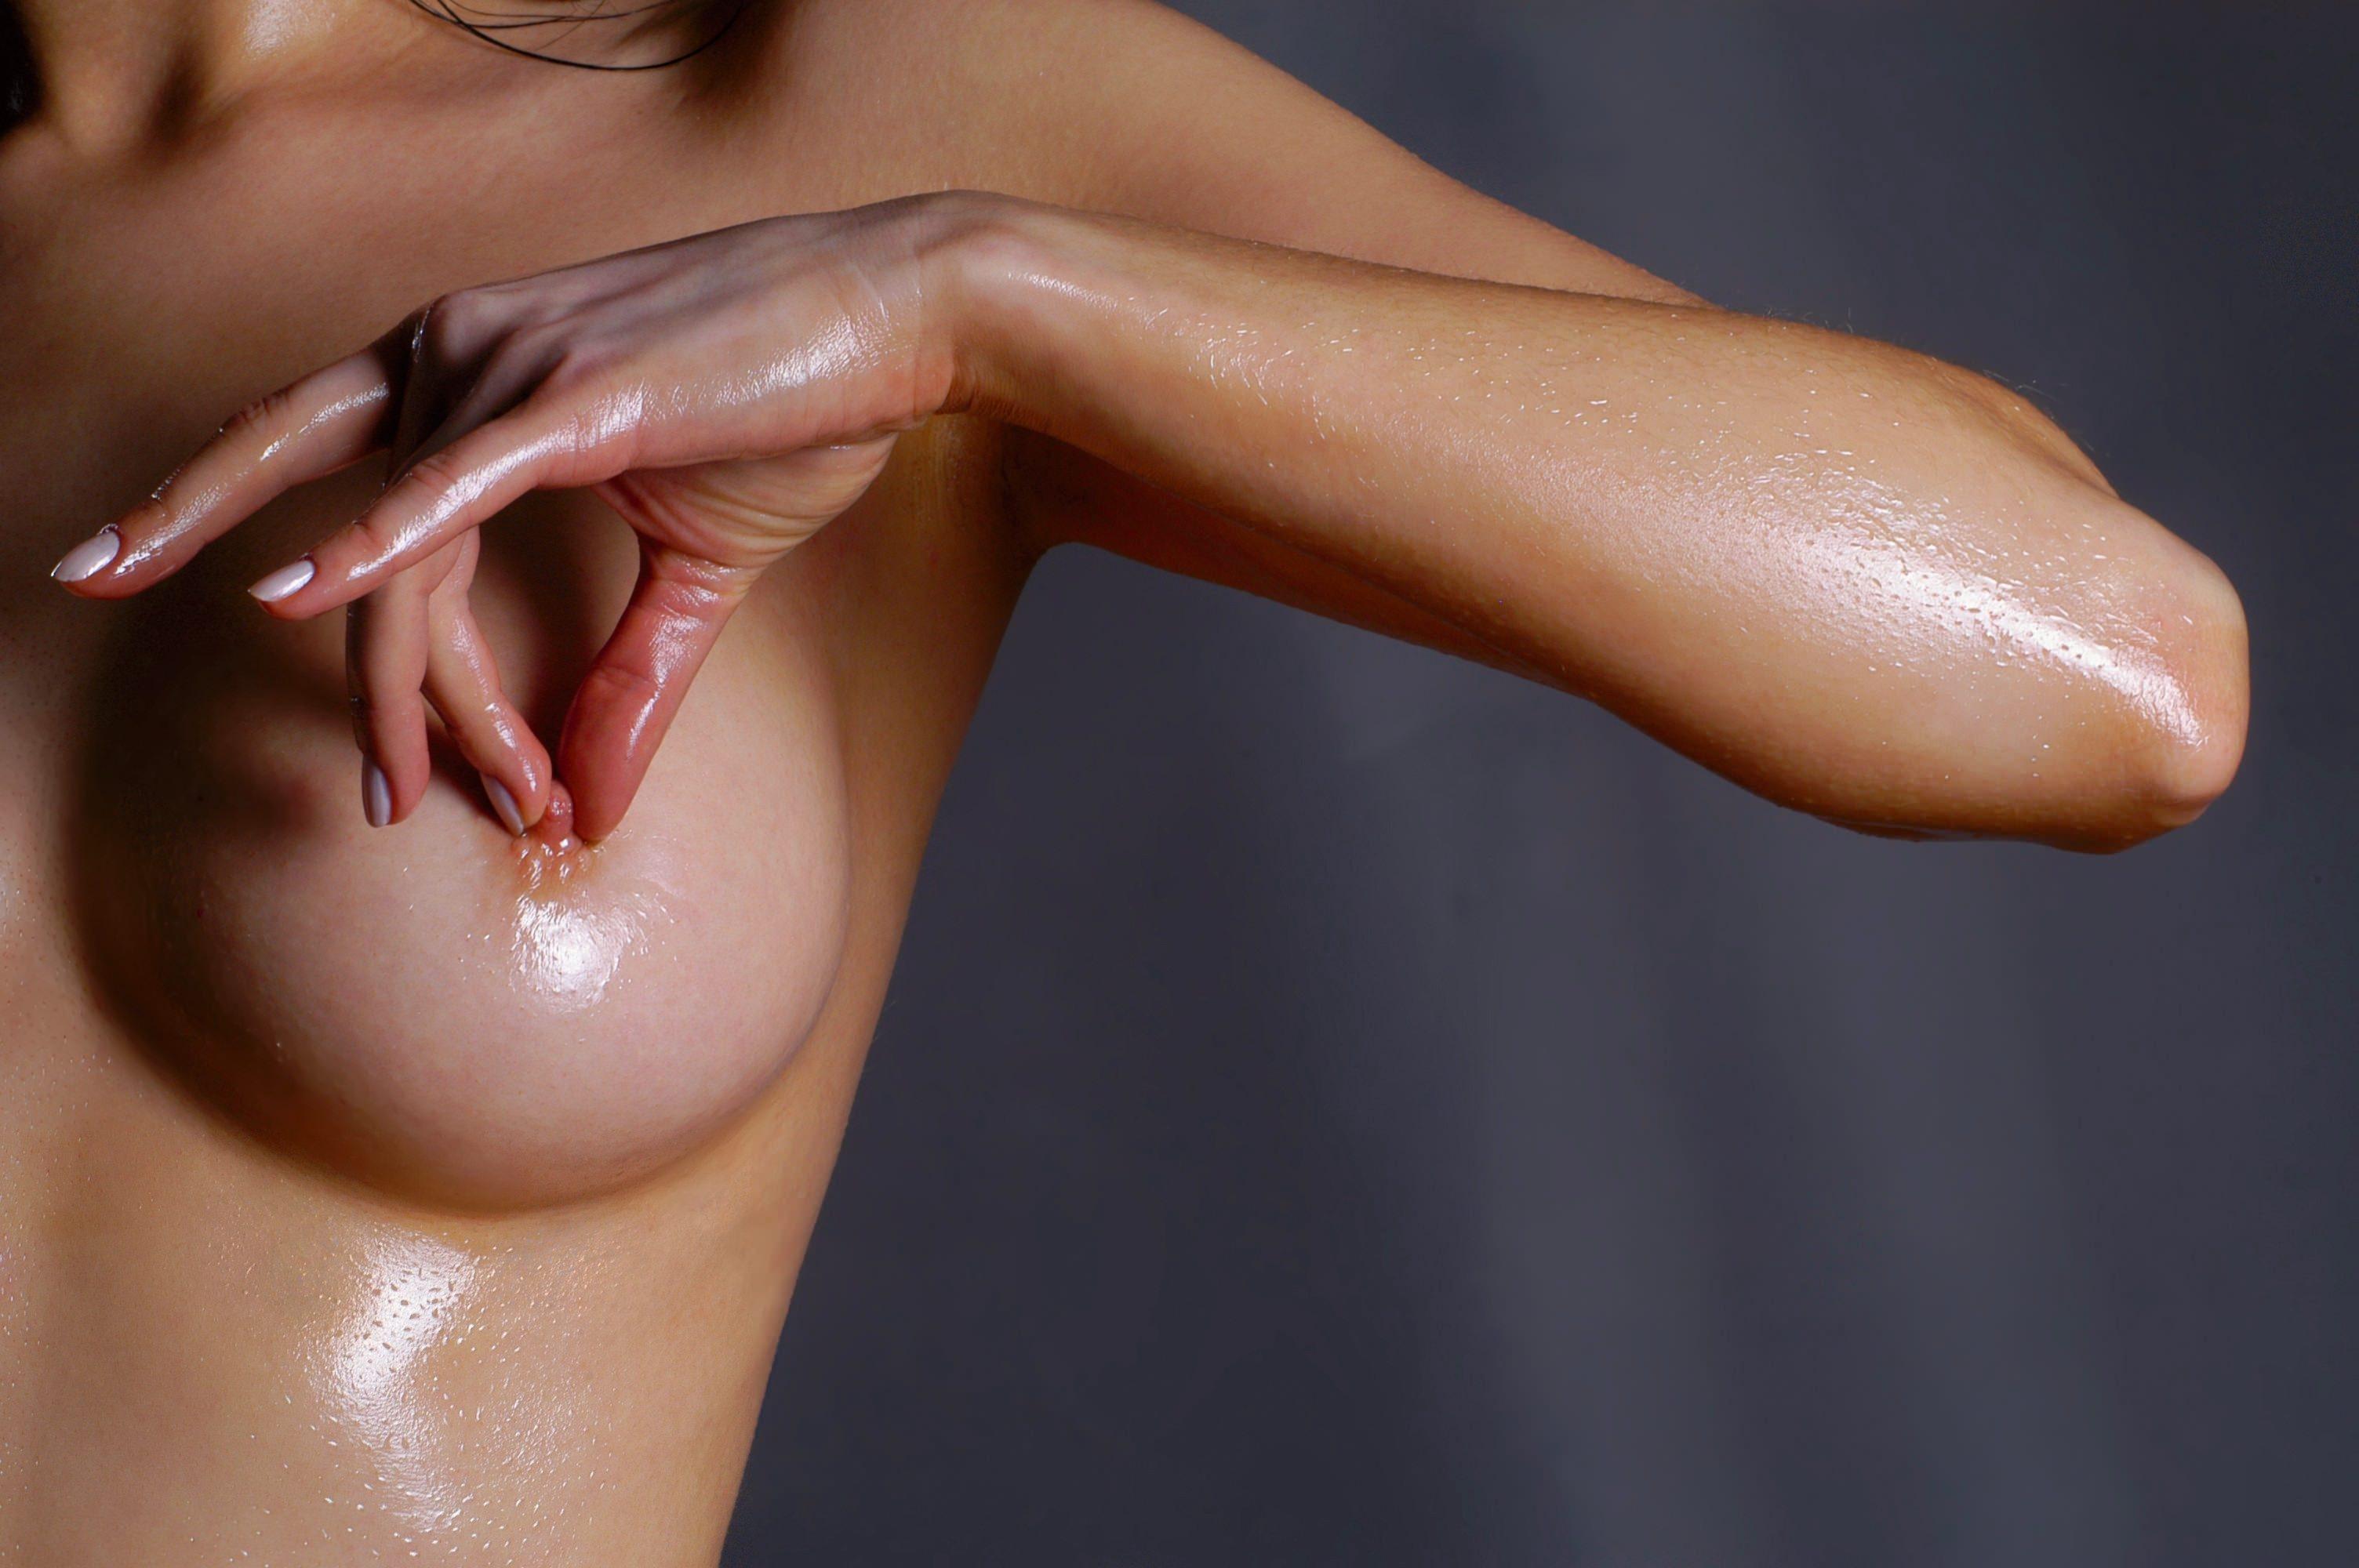 Фото Голая мокрая девушка сжимает сосок, круглая красивая грудь, круглые влажные сиськи. Round tit, oiled, wet tits, squeezing a nipple, скачать картинку бесплатно